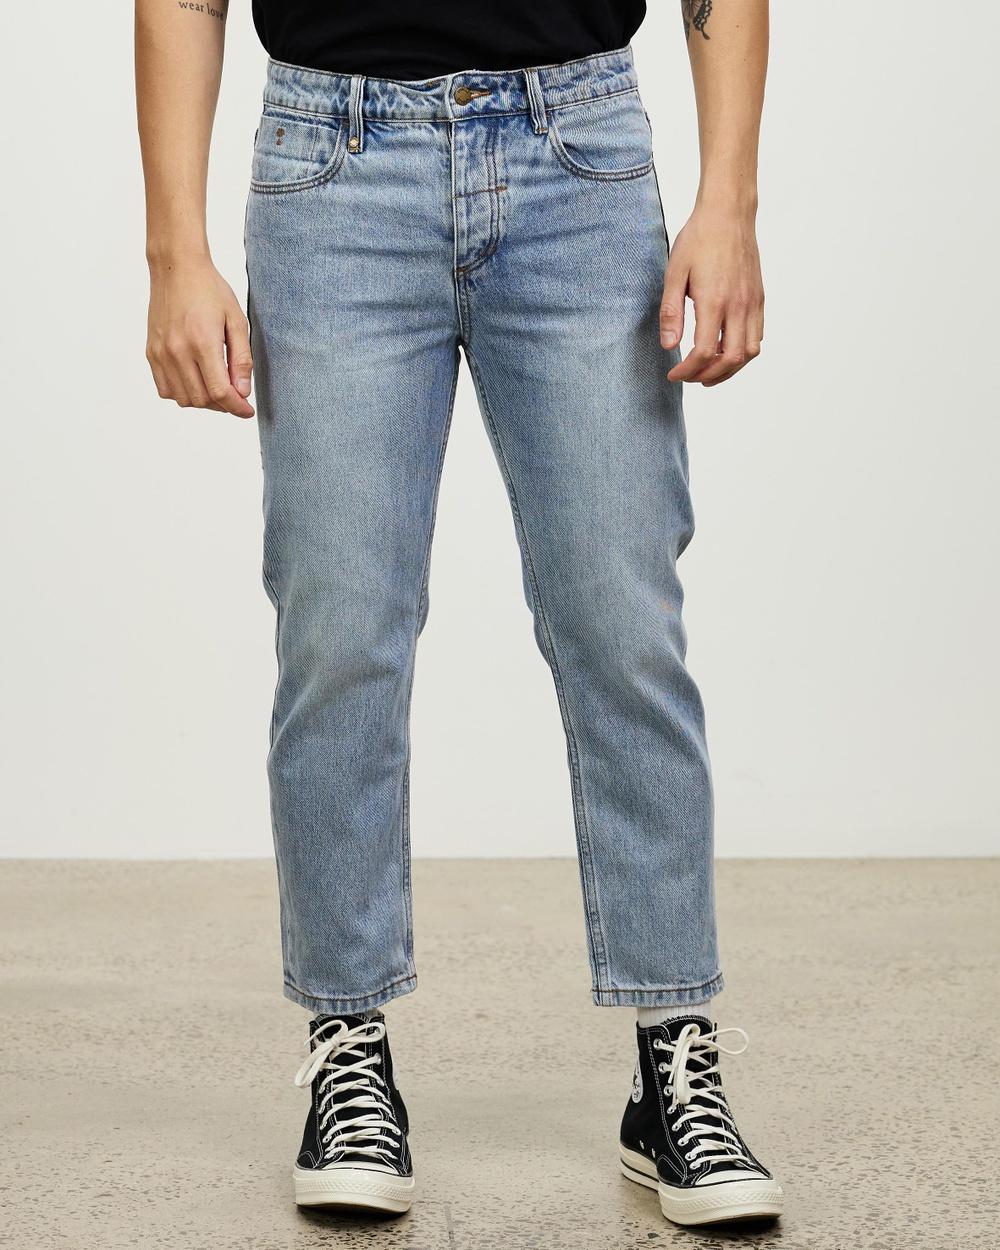 Thrills Chopped Denim Jeans Crop Aged Blue Australia